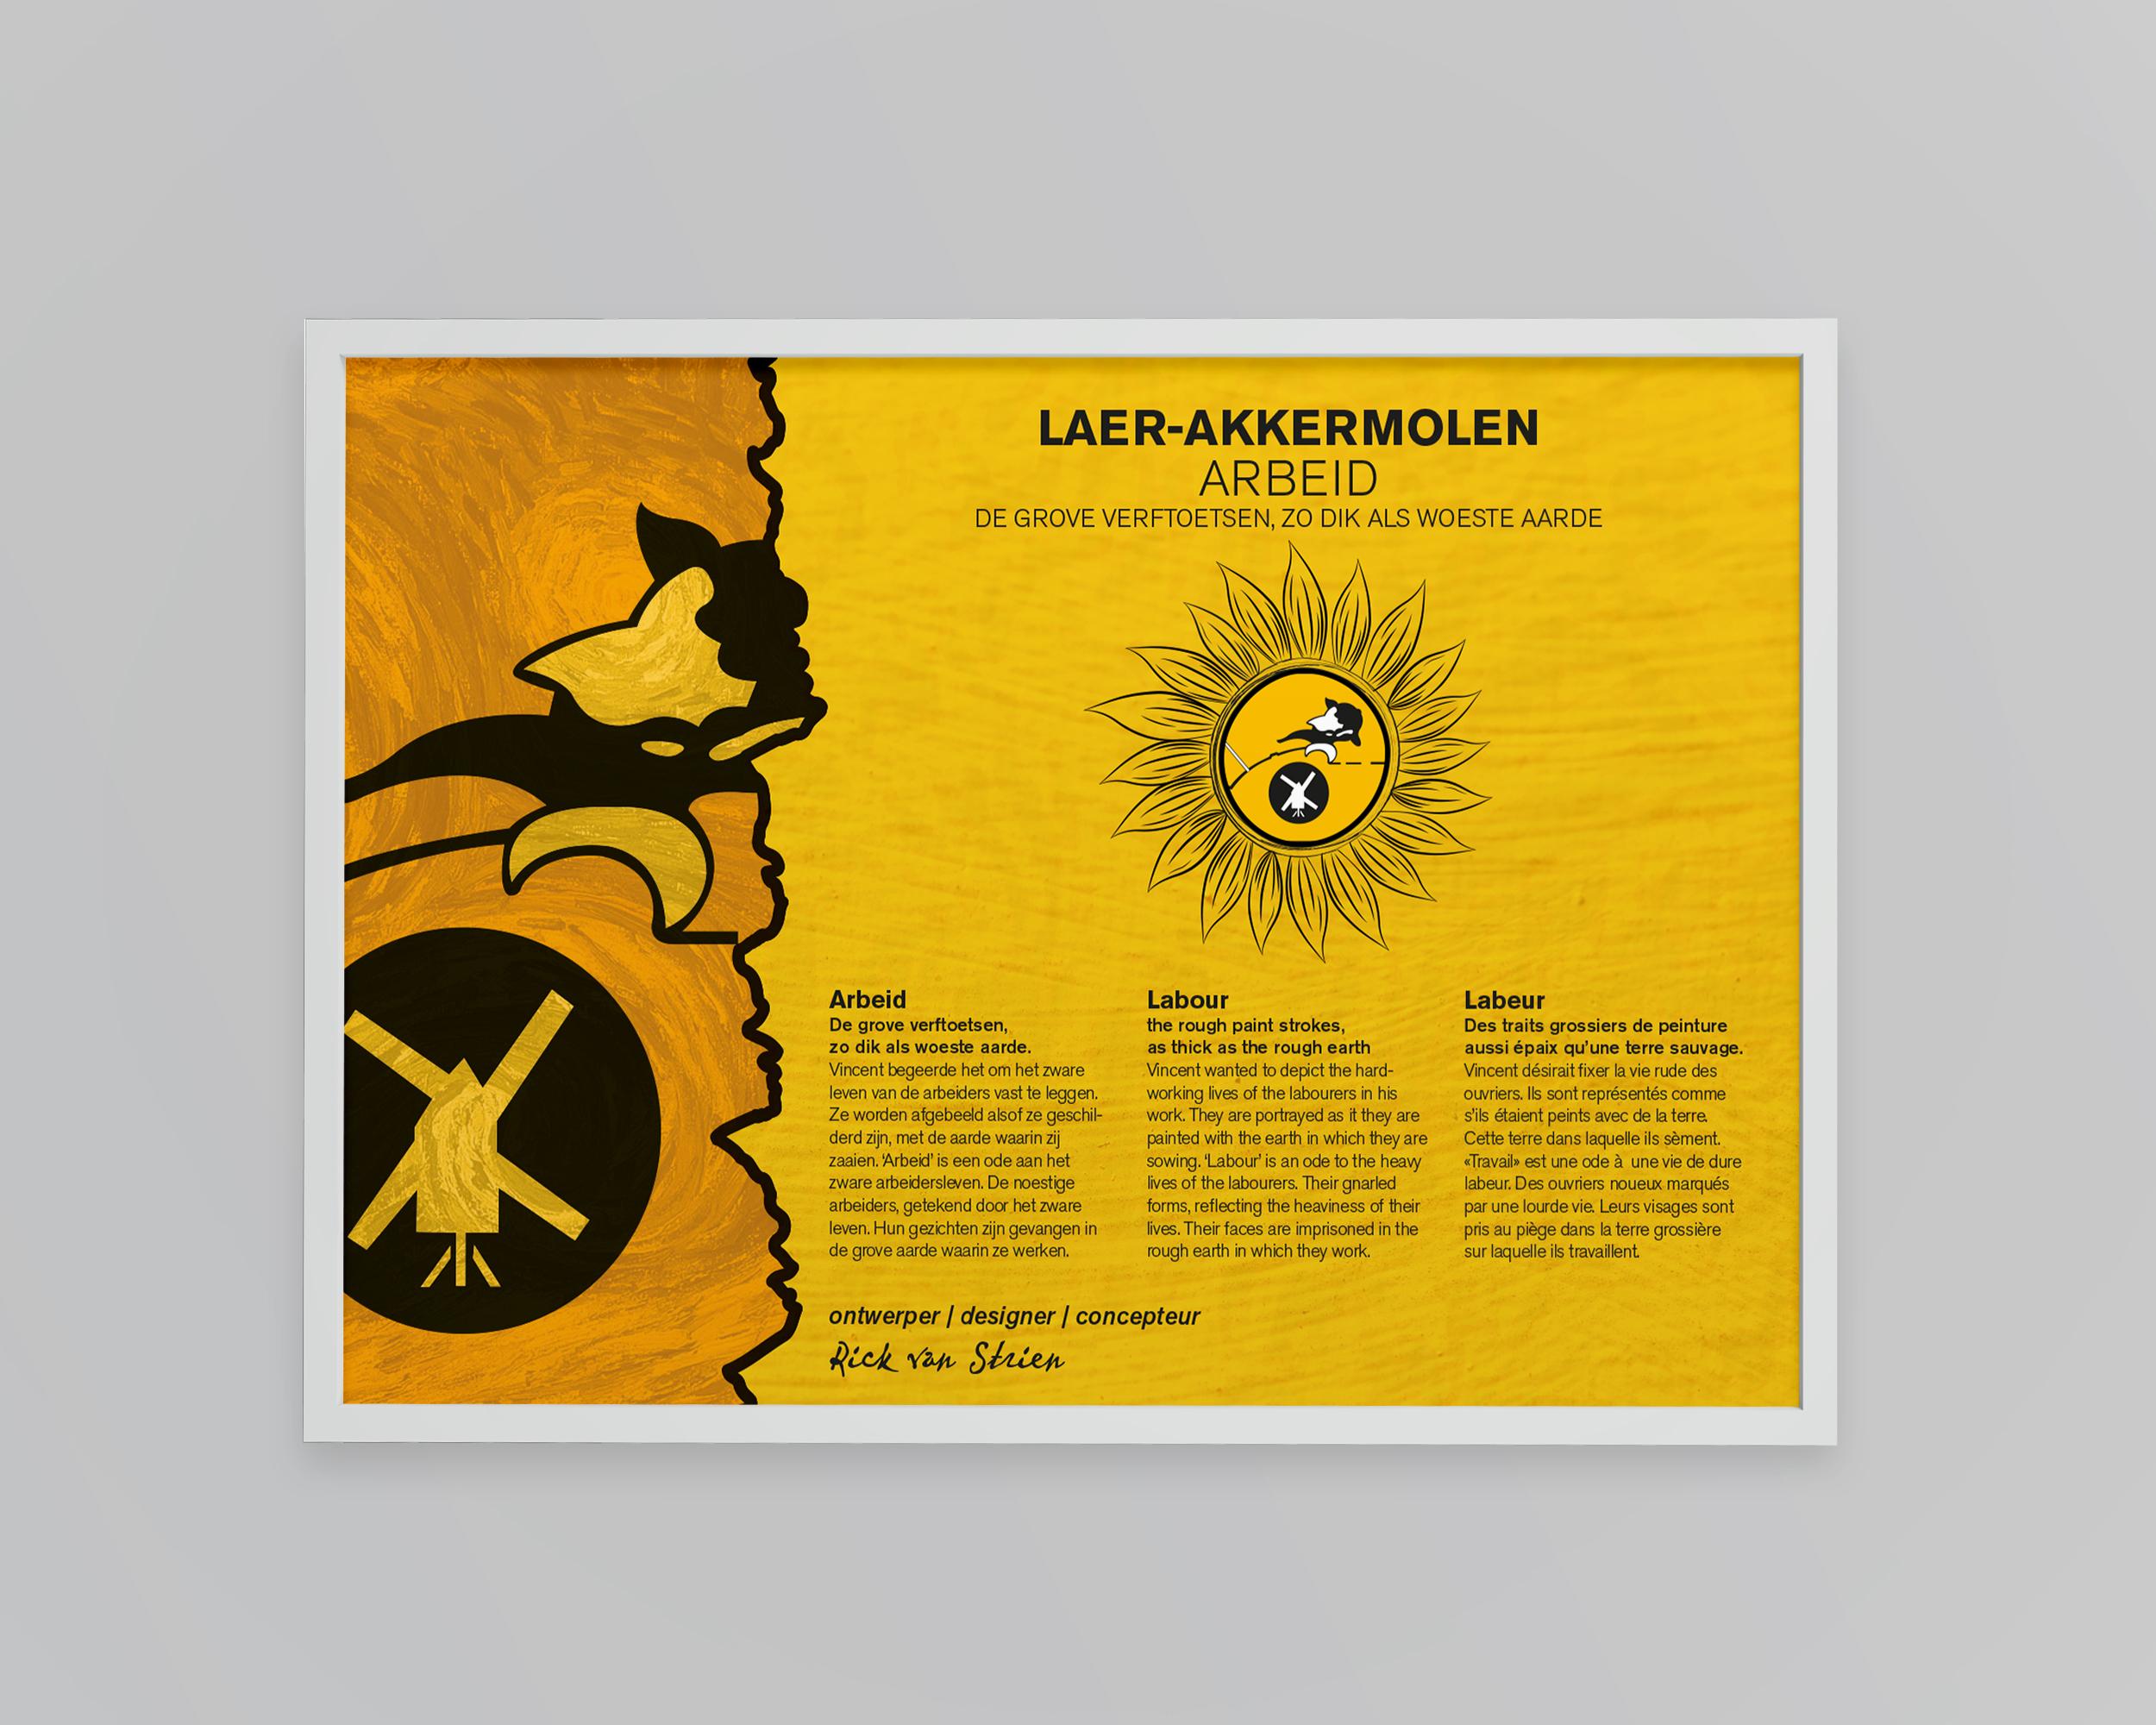 Laer-Akkermolen